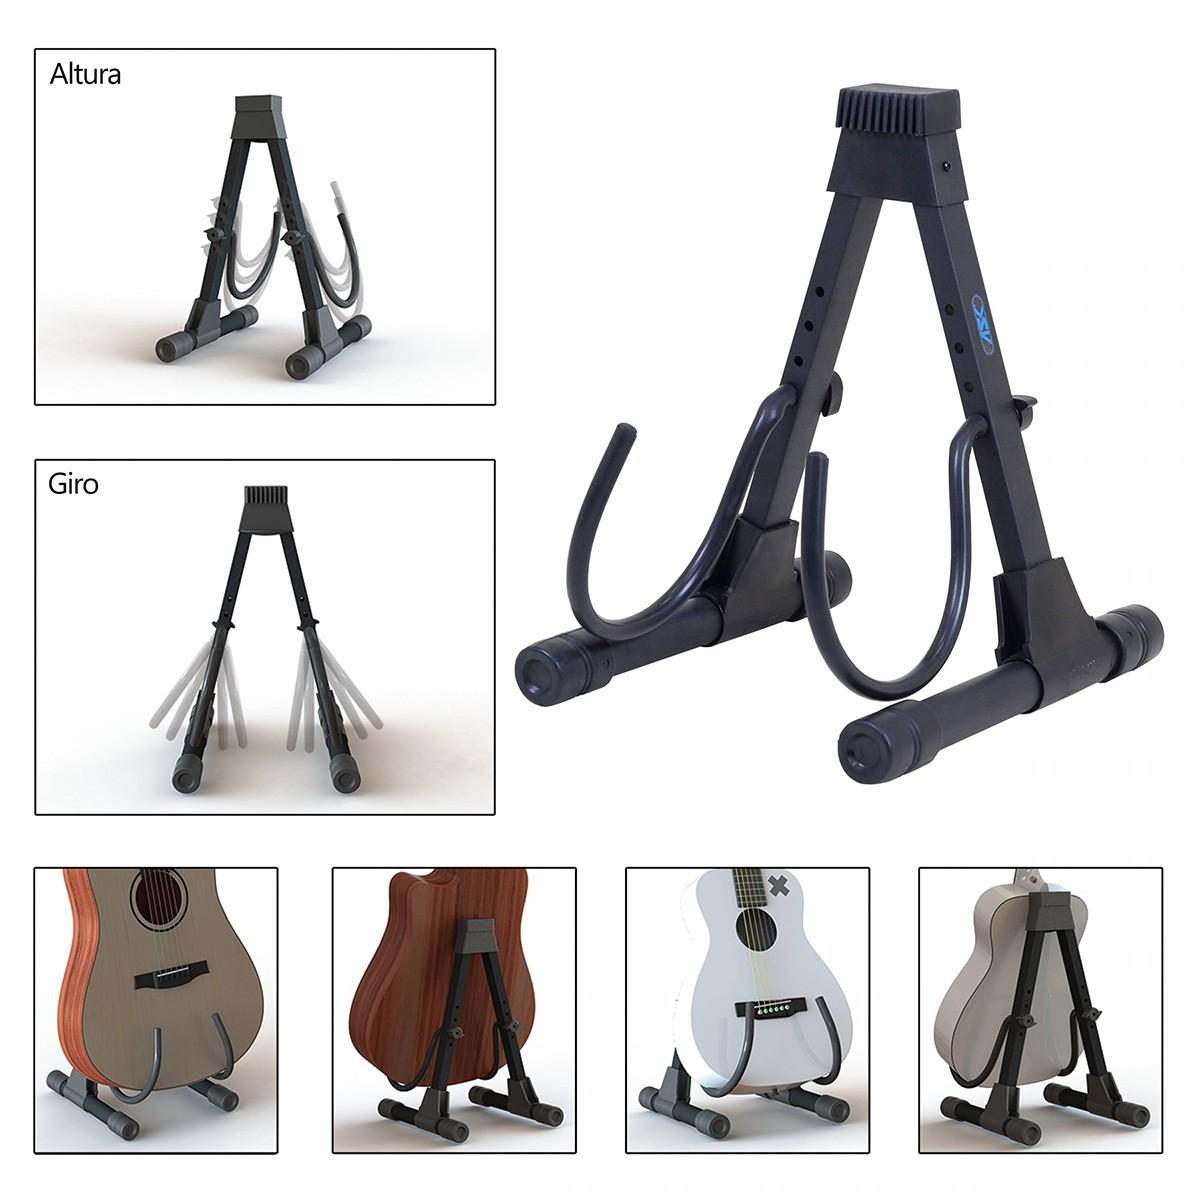 Suporte de Chão ASK SI102 Preto para Instrumentos de Cordas